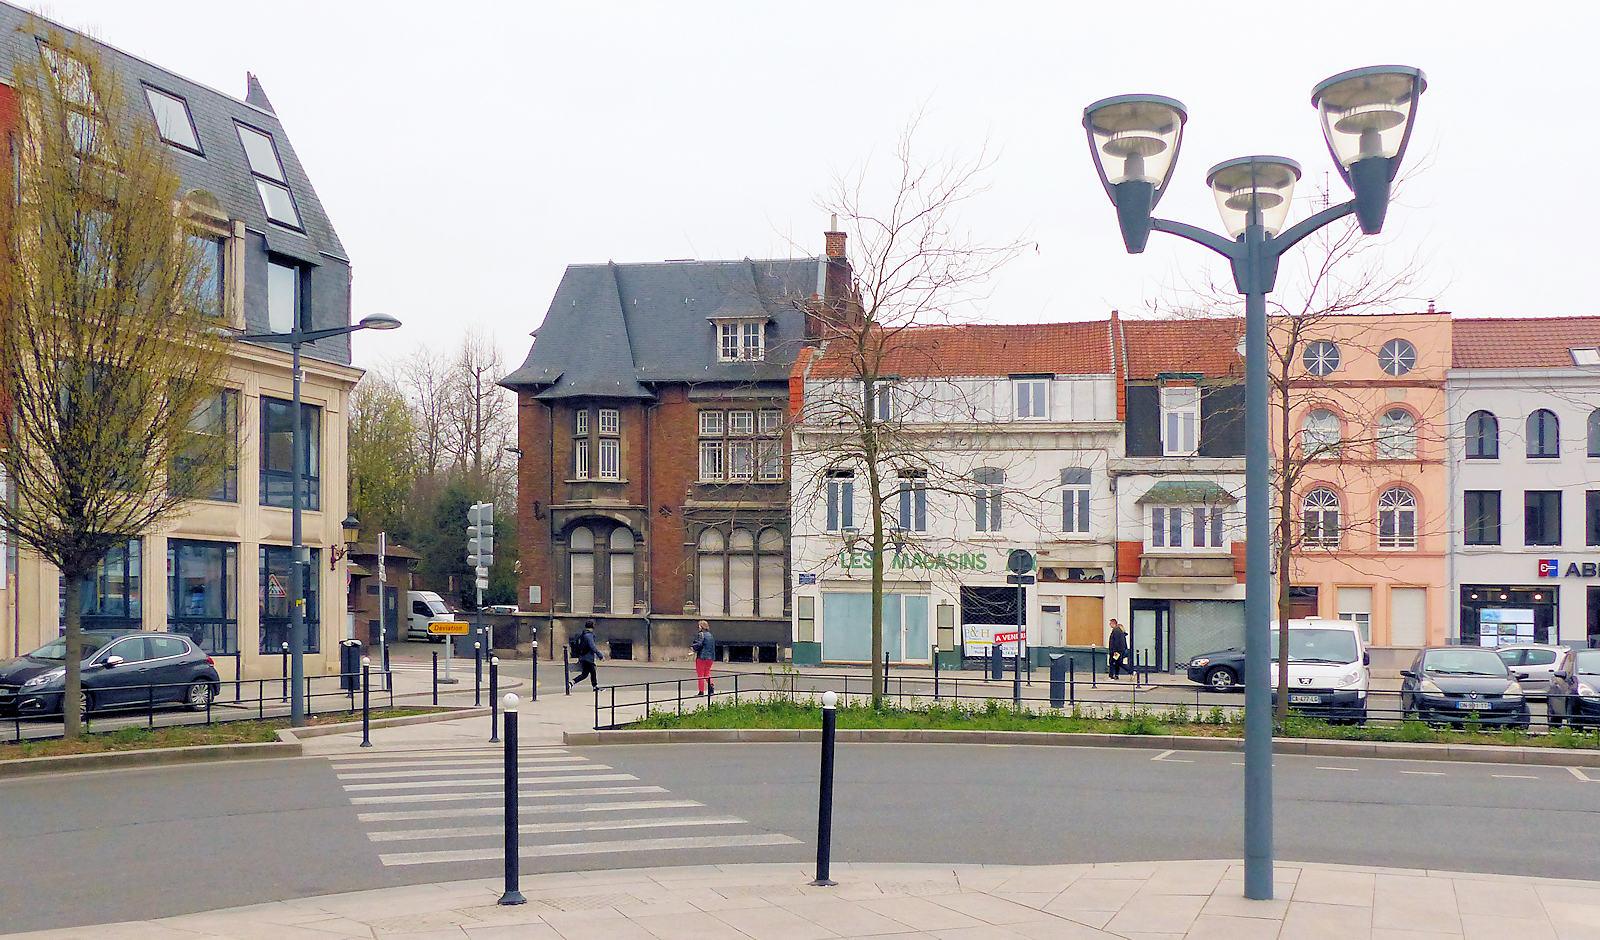 Notaires Laevens et Lambert depuis la Place Roussel